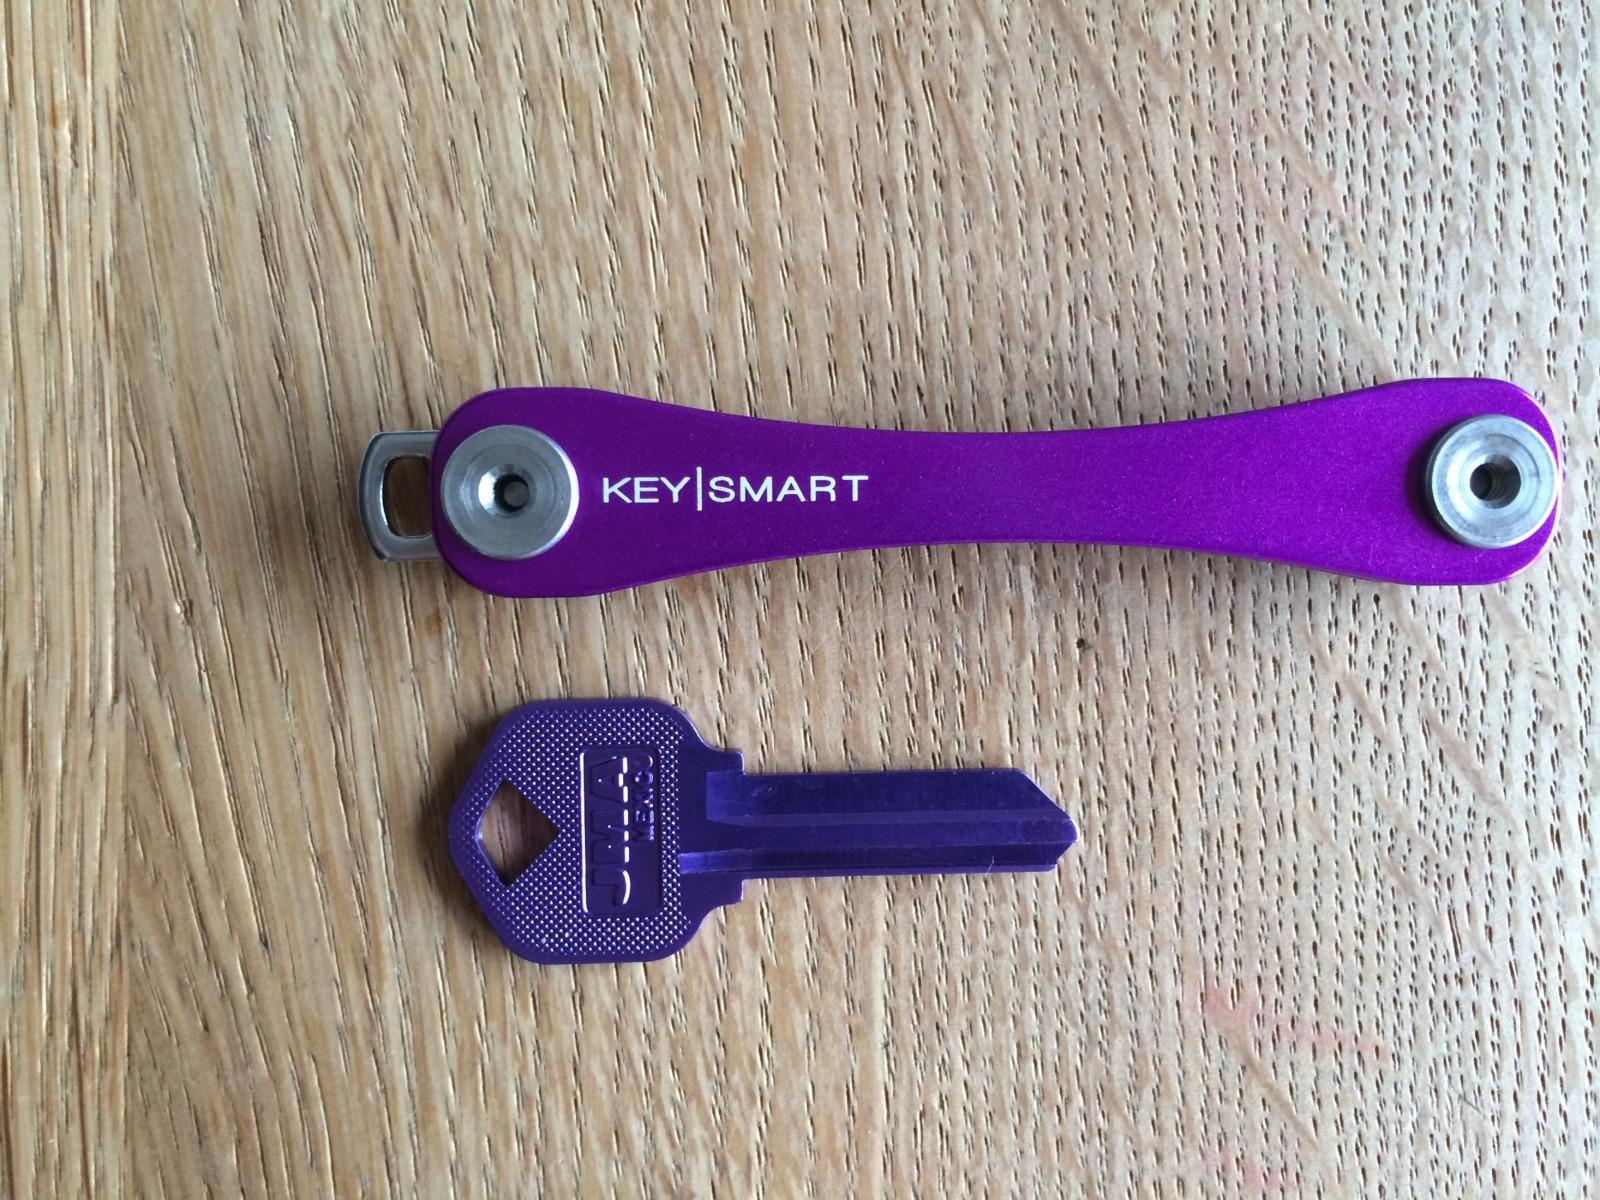 Air-Ersatzschlüssel für den Keysmart